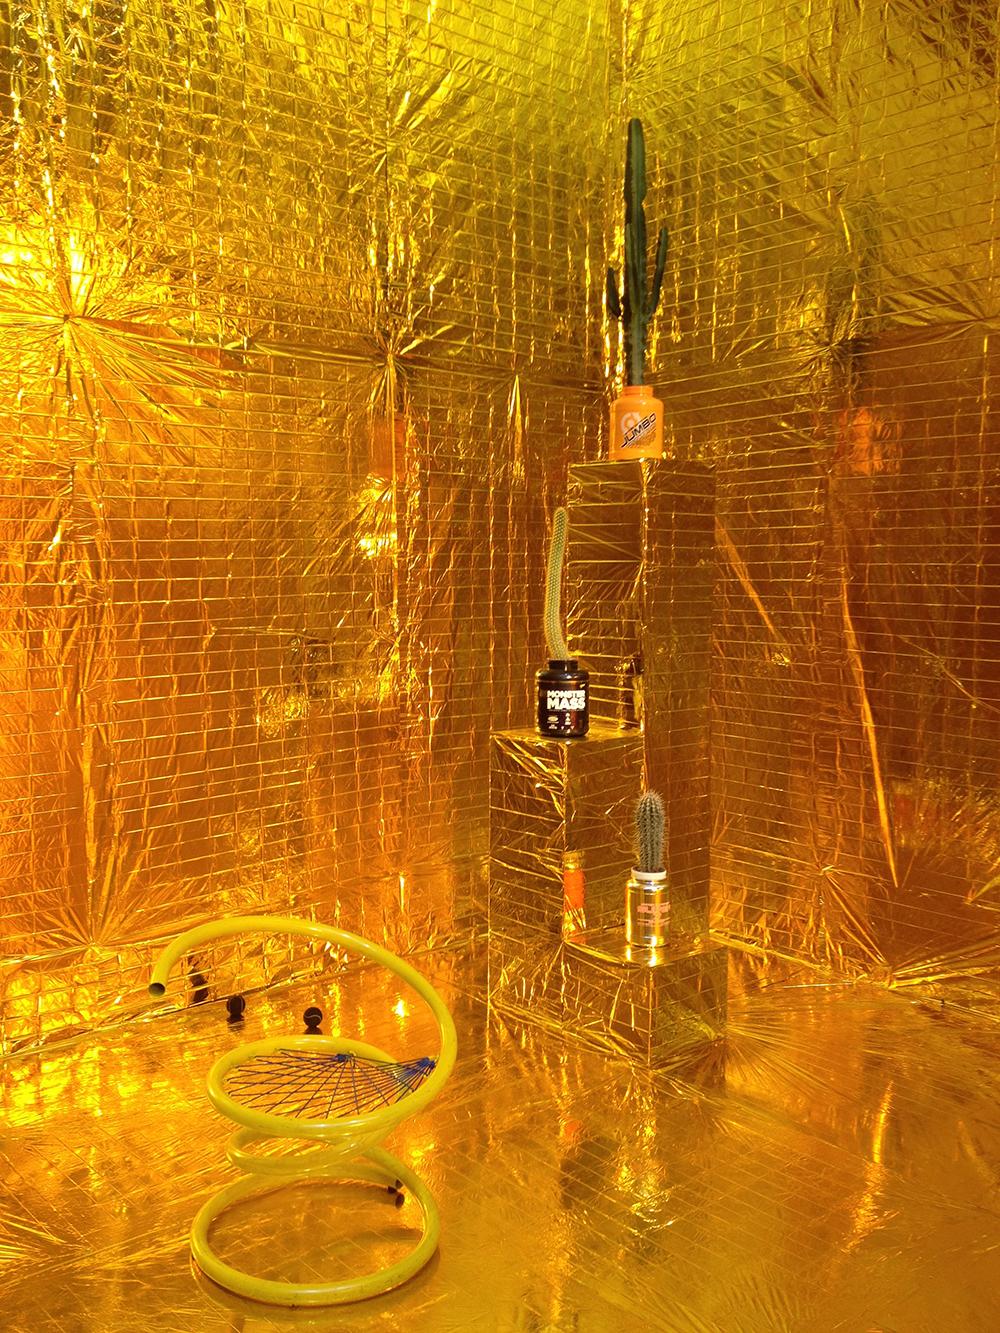 Blabla et Chichi sur un bateau, Vue d'installation — Galerie Éric Hussenot, Paris